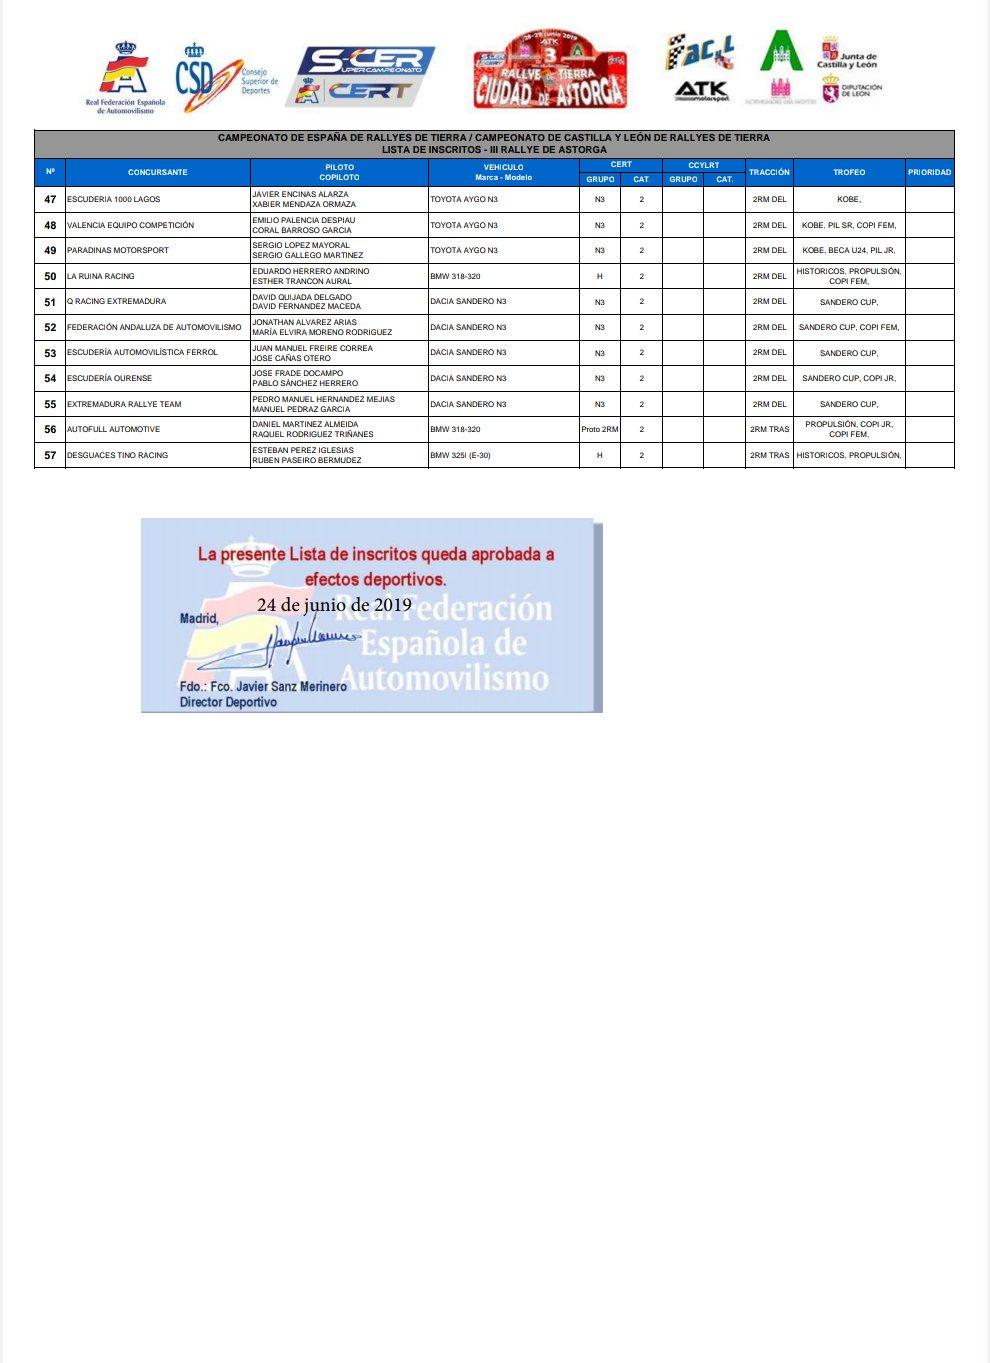 SCER + CERT: III Rallye de Tierra Ciudad de Astorga [28-29 Junio] D95zzfnXsAYXD6p